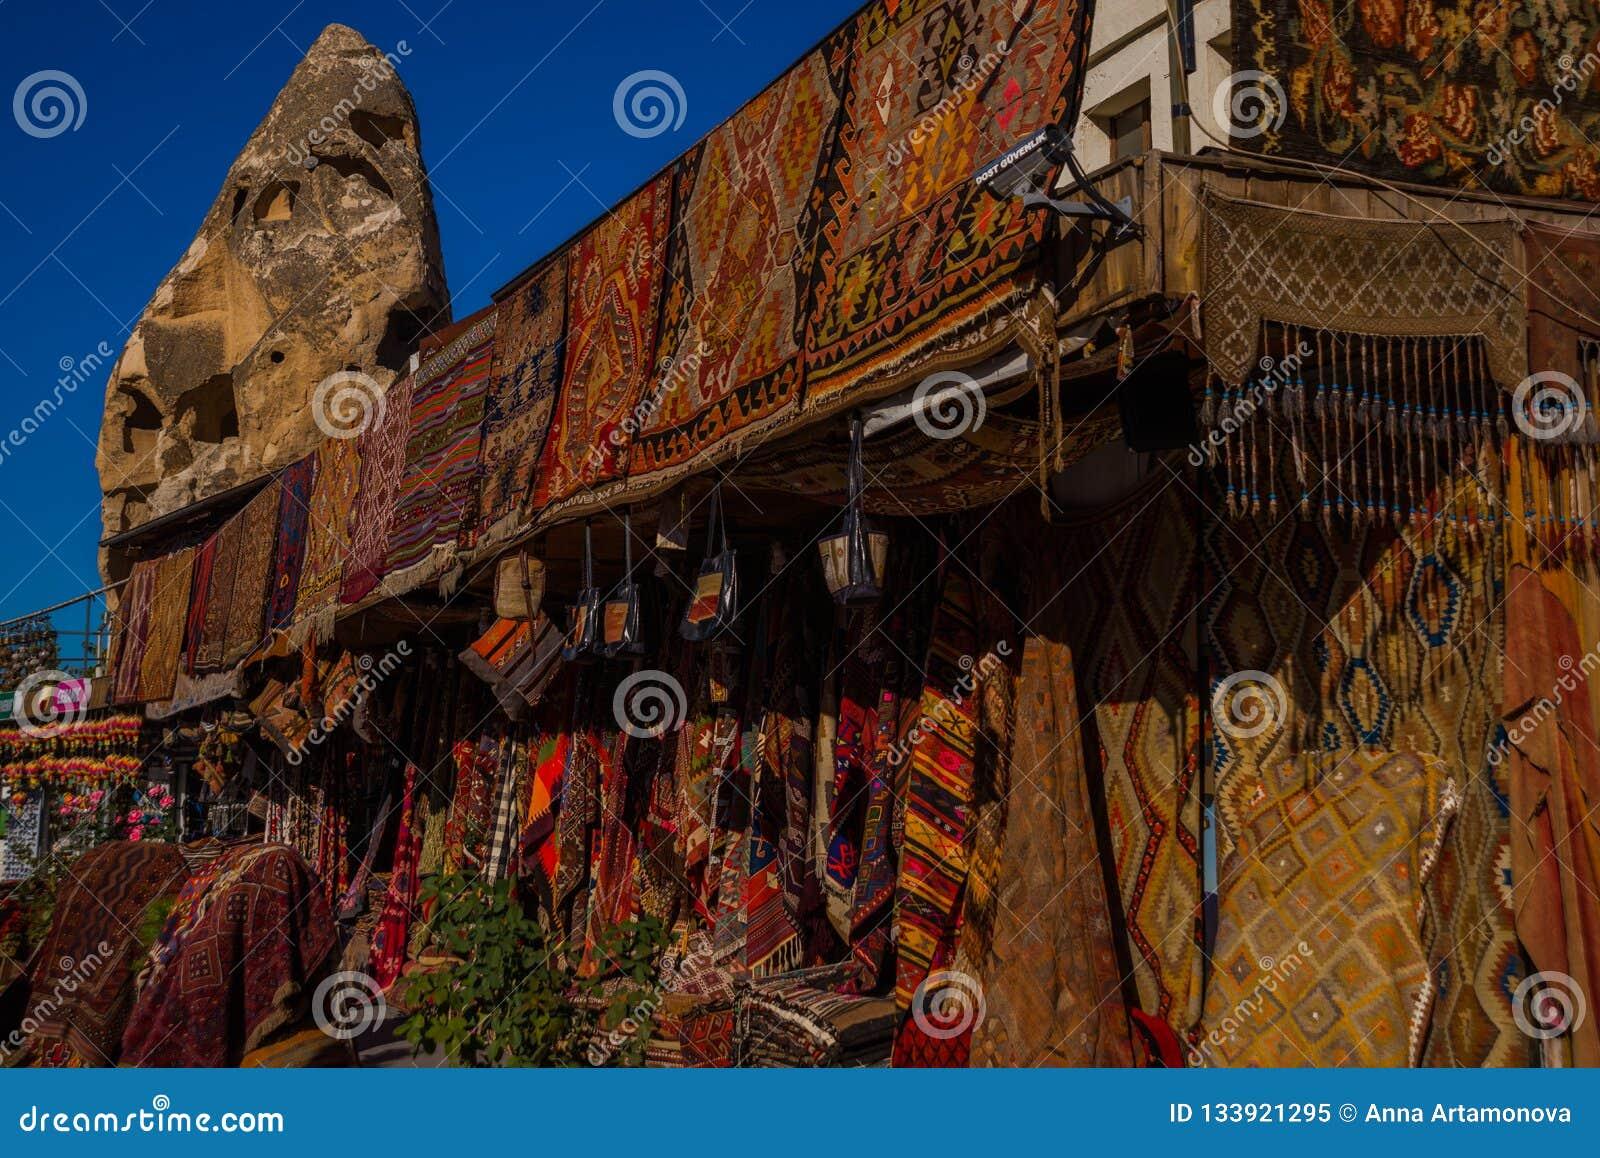 Vente sur le marché, bazar turc sur la rue, vue de face de différents tapis au marché dans Cappadocia, Turquie